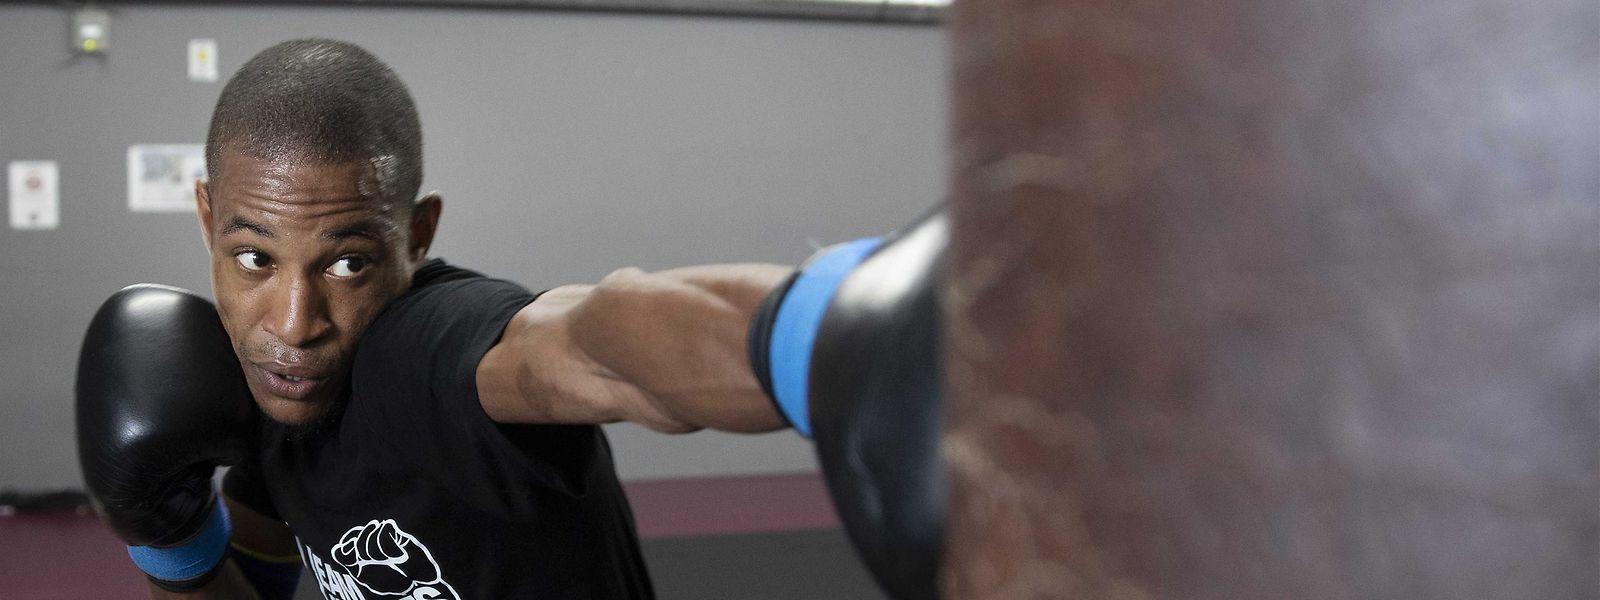 Micau Tavares continua a treinar com grande intensidade à espera de novos combates.